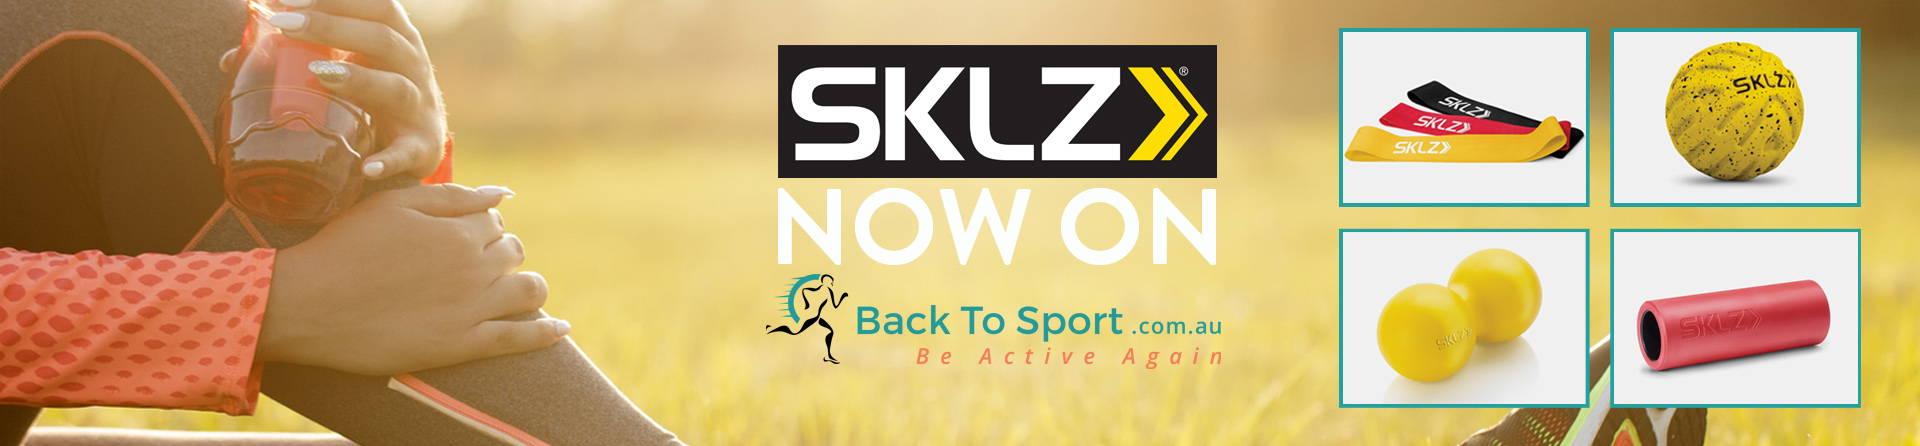 SKLZ Brand banner